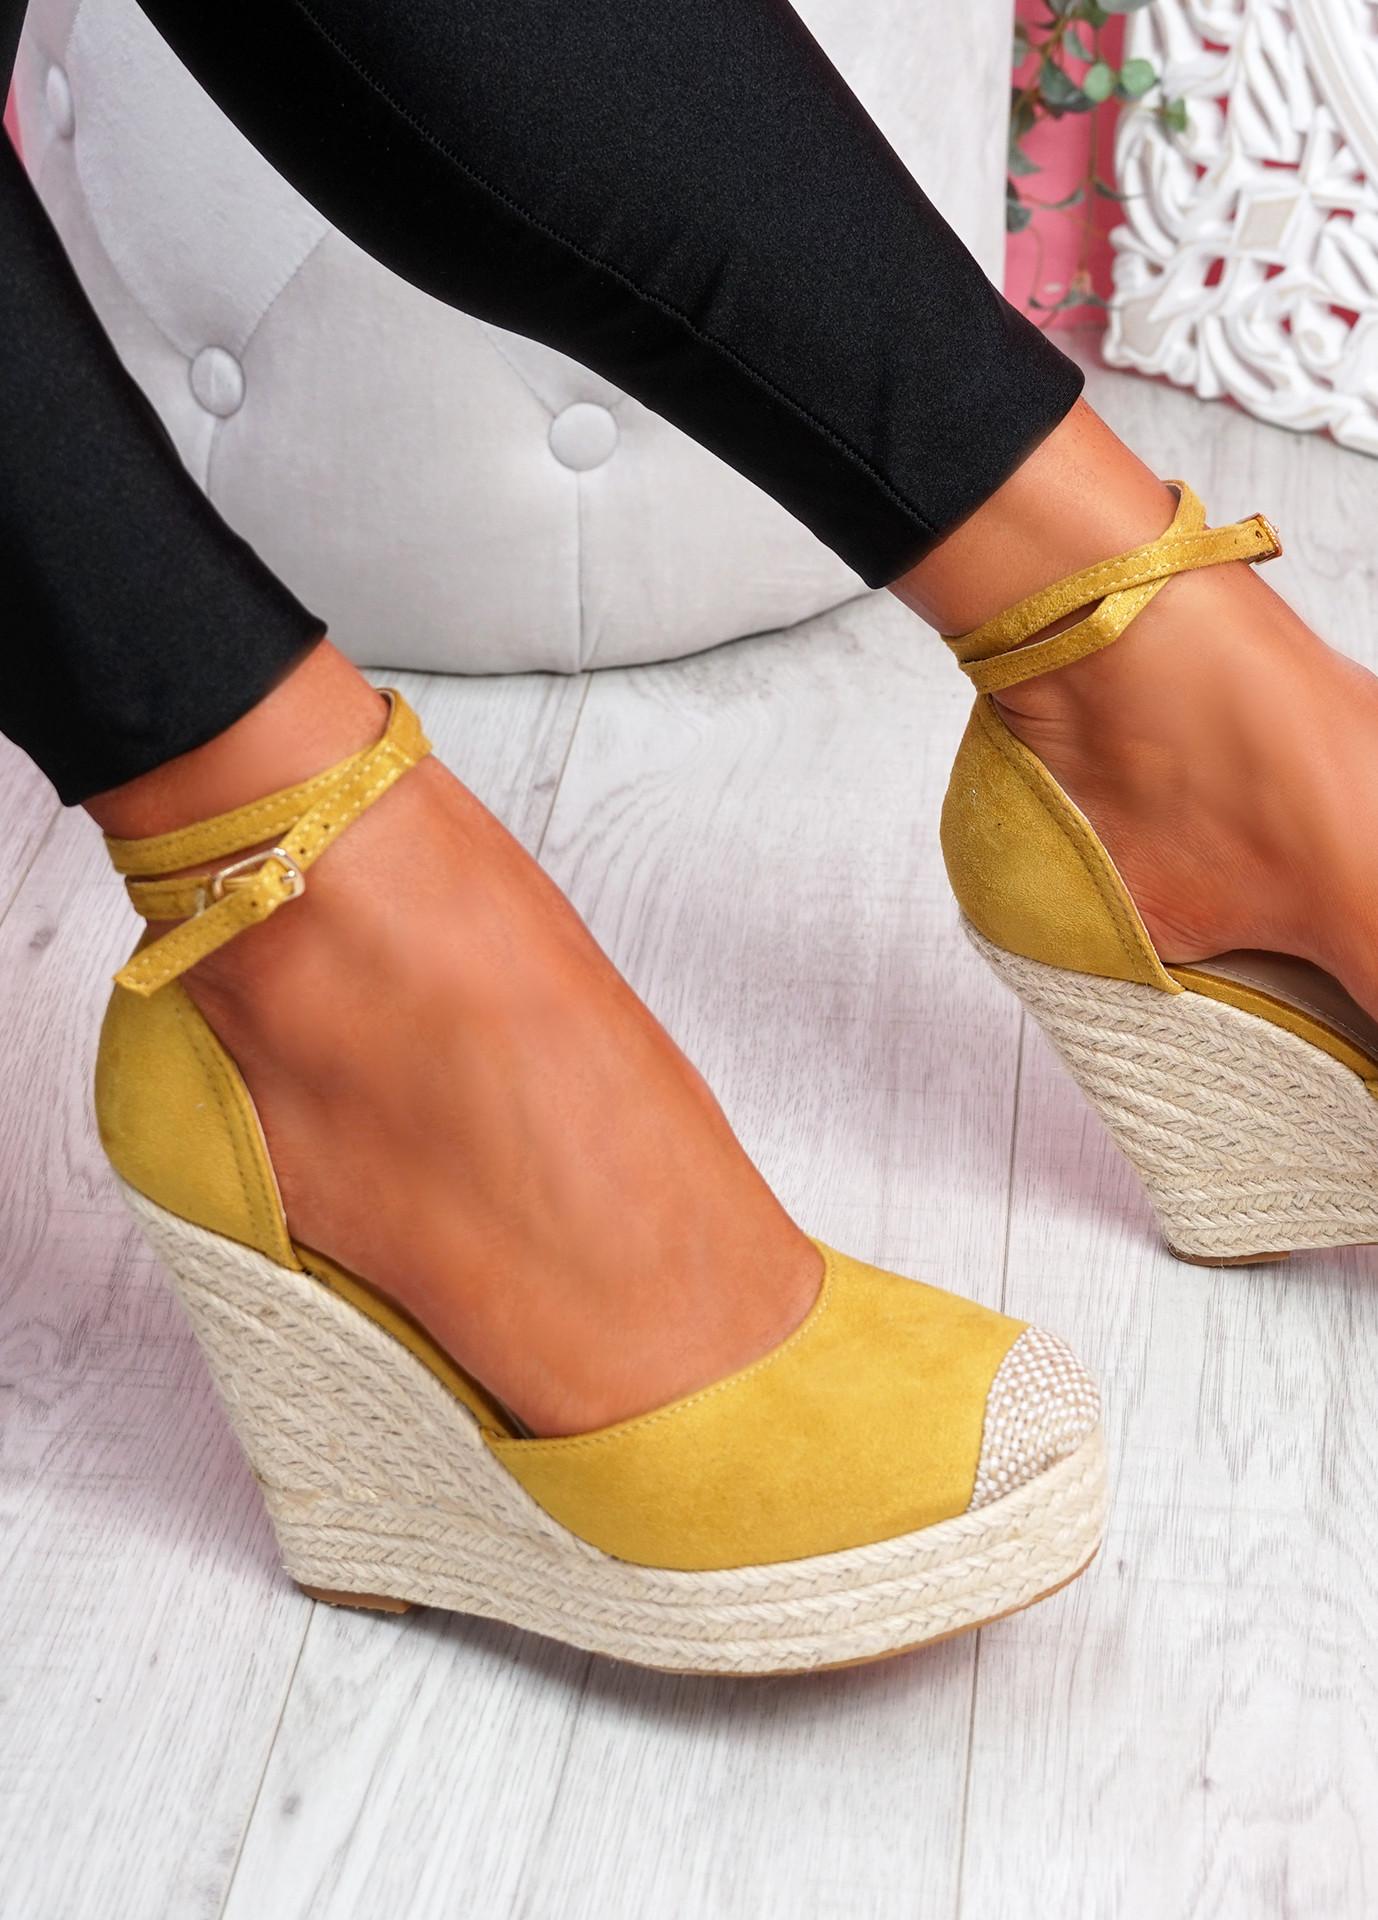 Uty Yellow High Heel Wedge Sandals